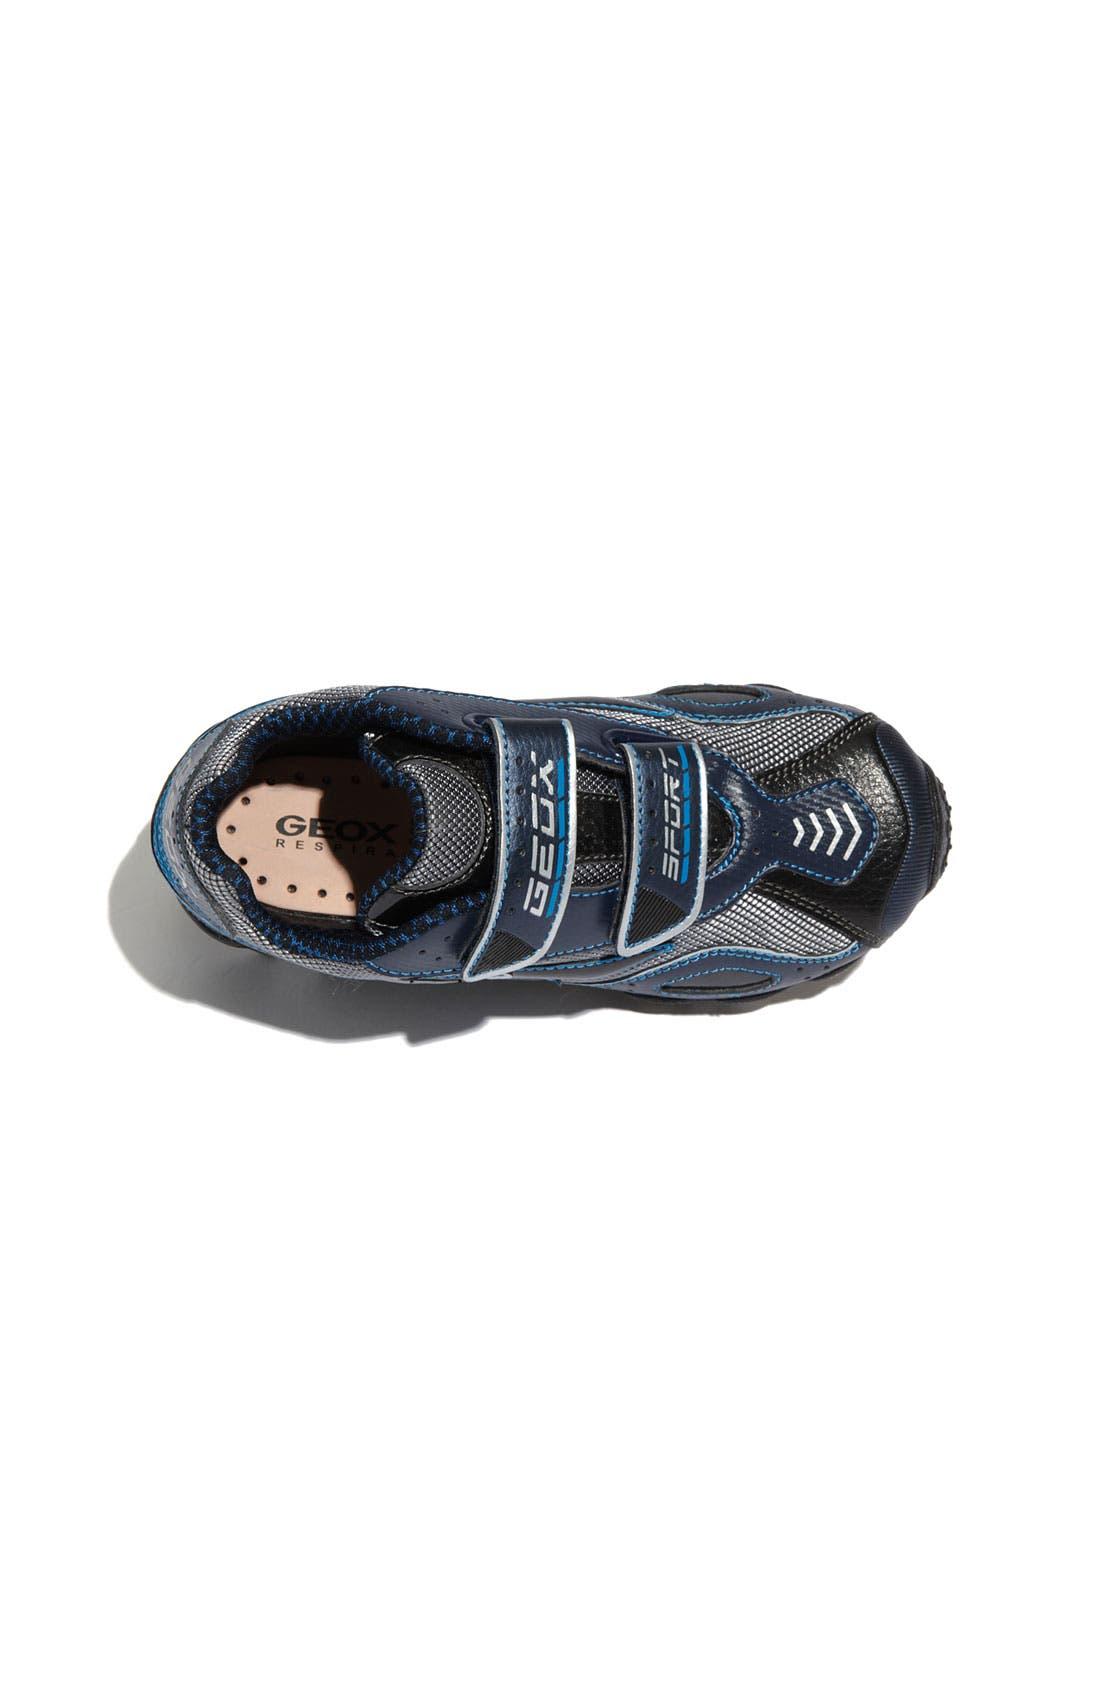 Alternate Image 3  - Geox 'Tornado 10' Sneaker (Toddler, Little Kid & Big Kid)